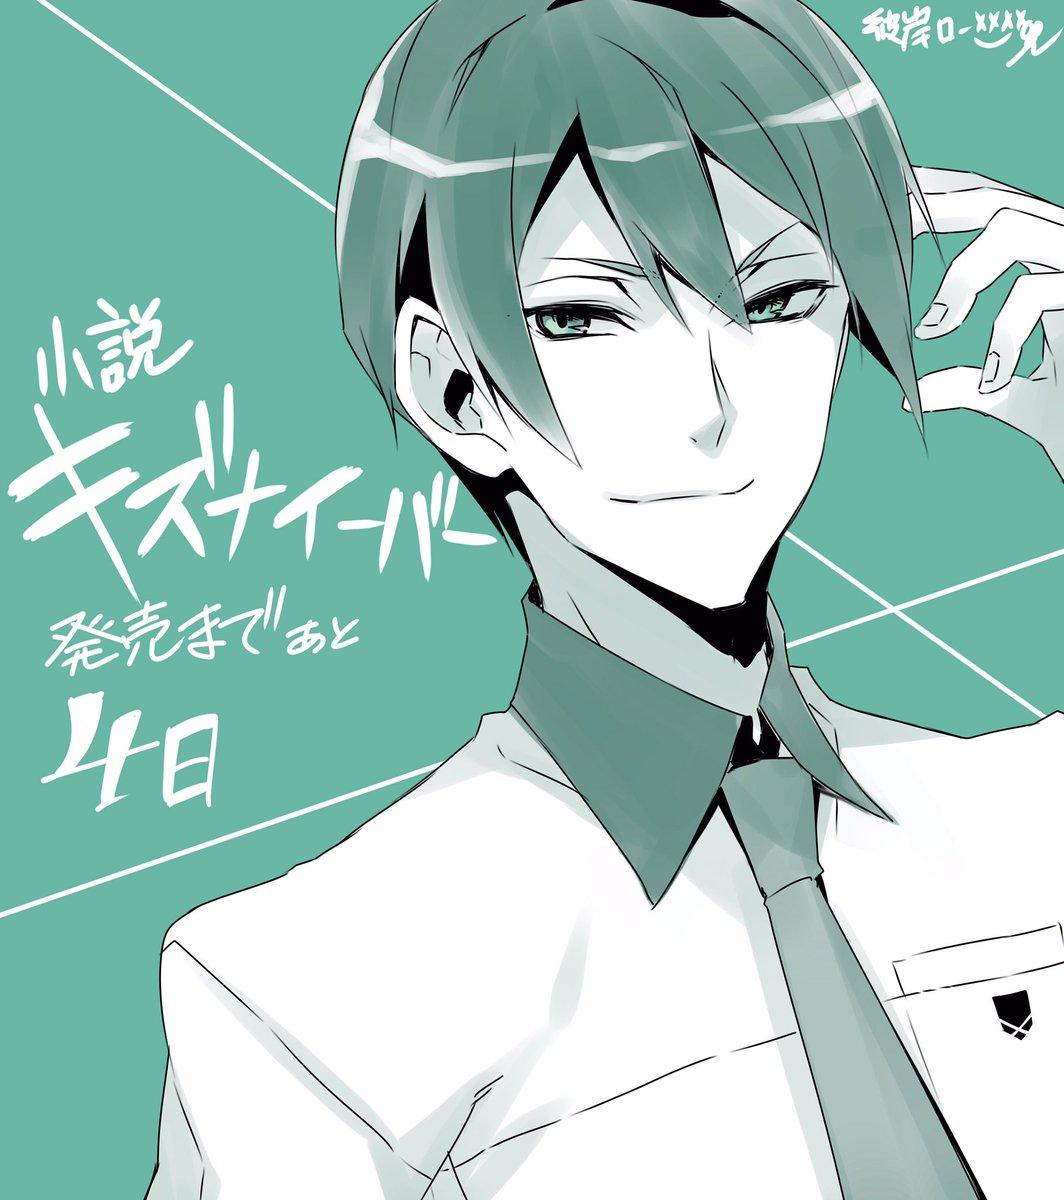 【ノベル発売 カウントダウン】「小説 キズナイーバー -あの日のキズ、これからのキズナ-」は10月27日発売! 第3章は